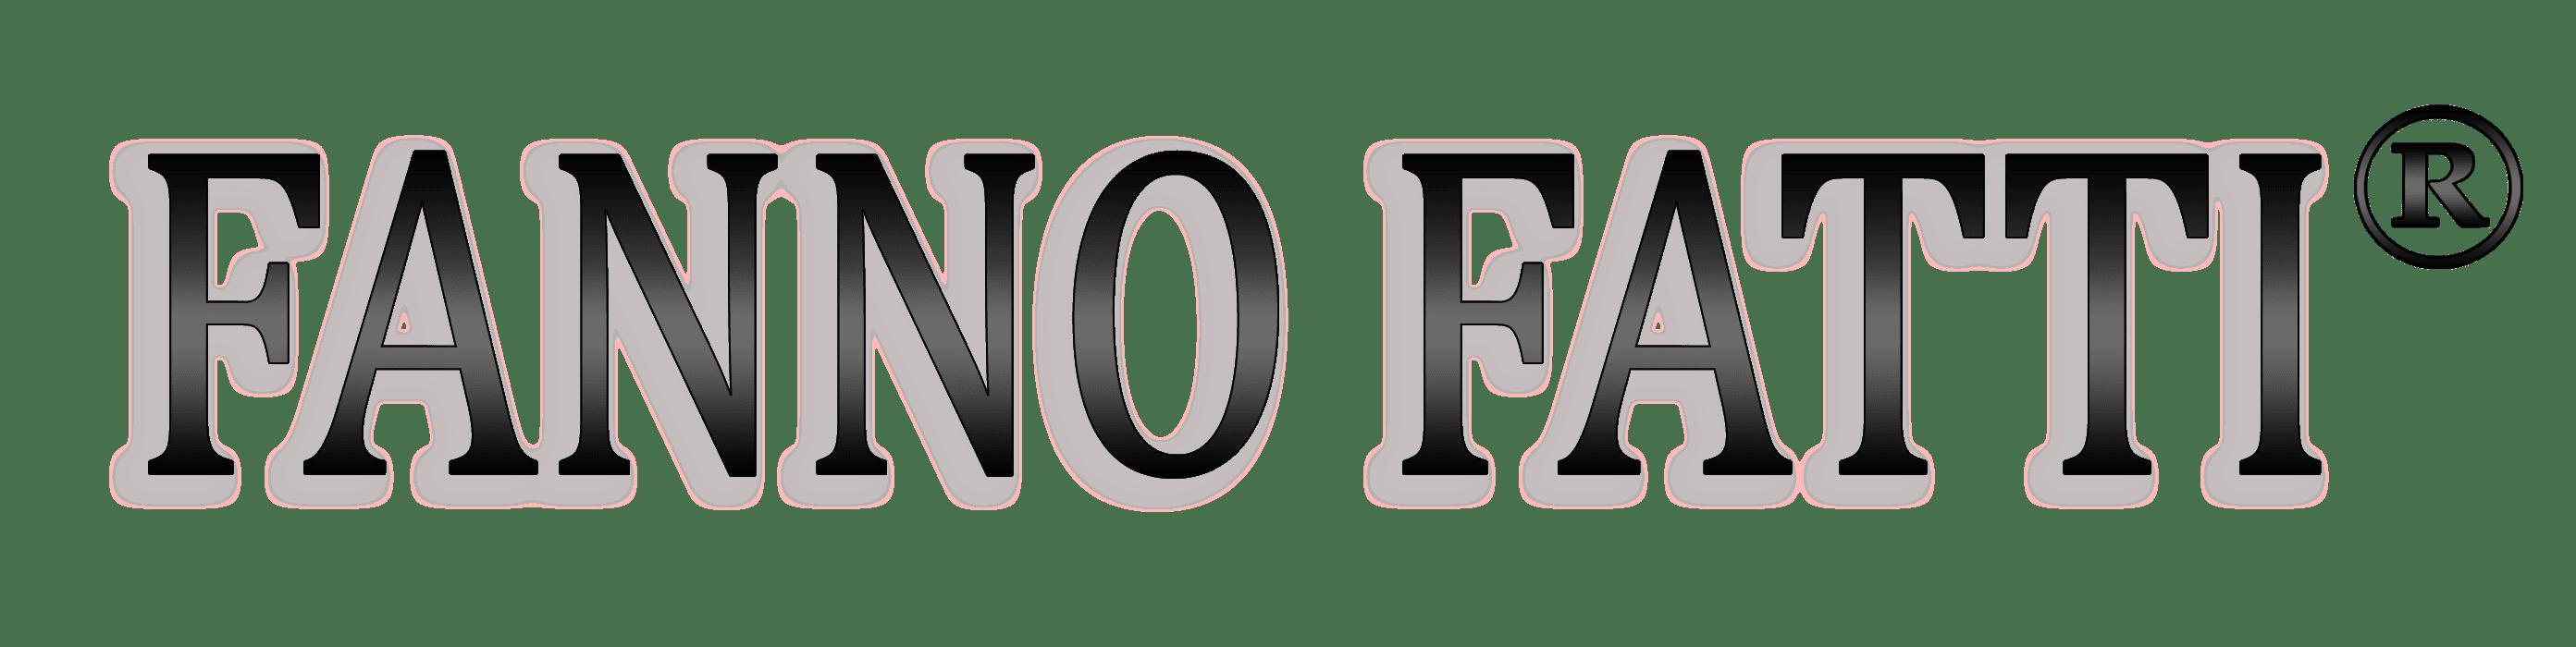 Фанно Фатти / FANNO FATTI